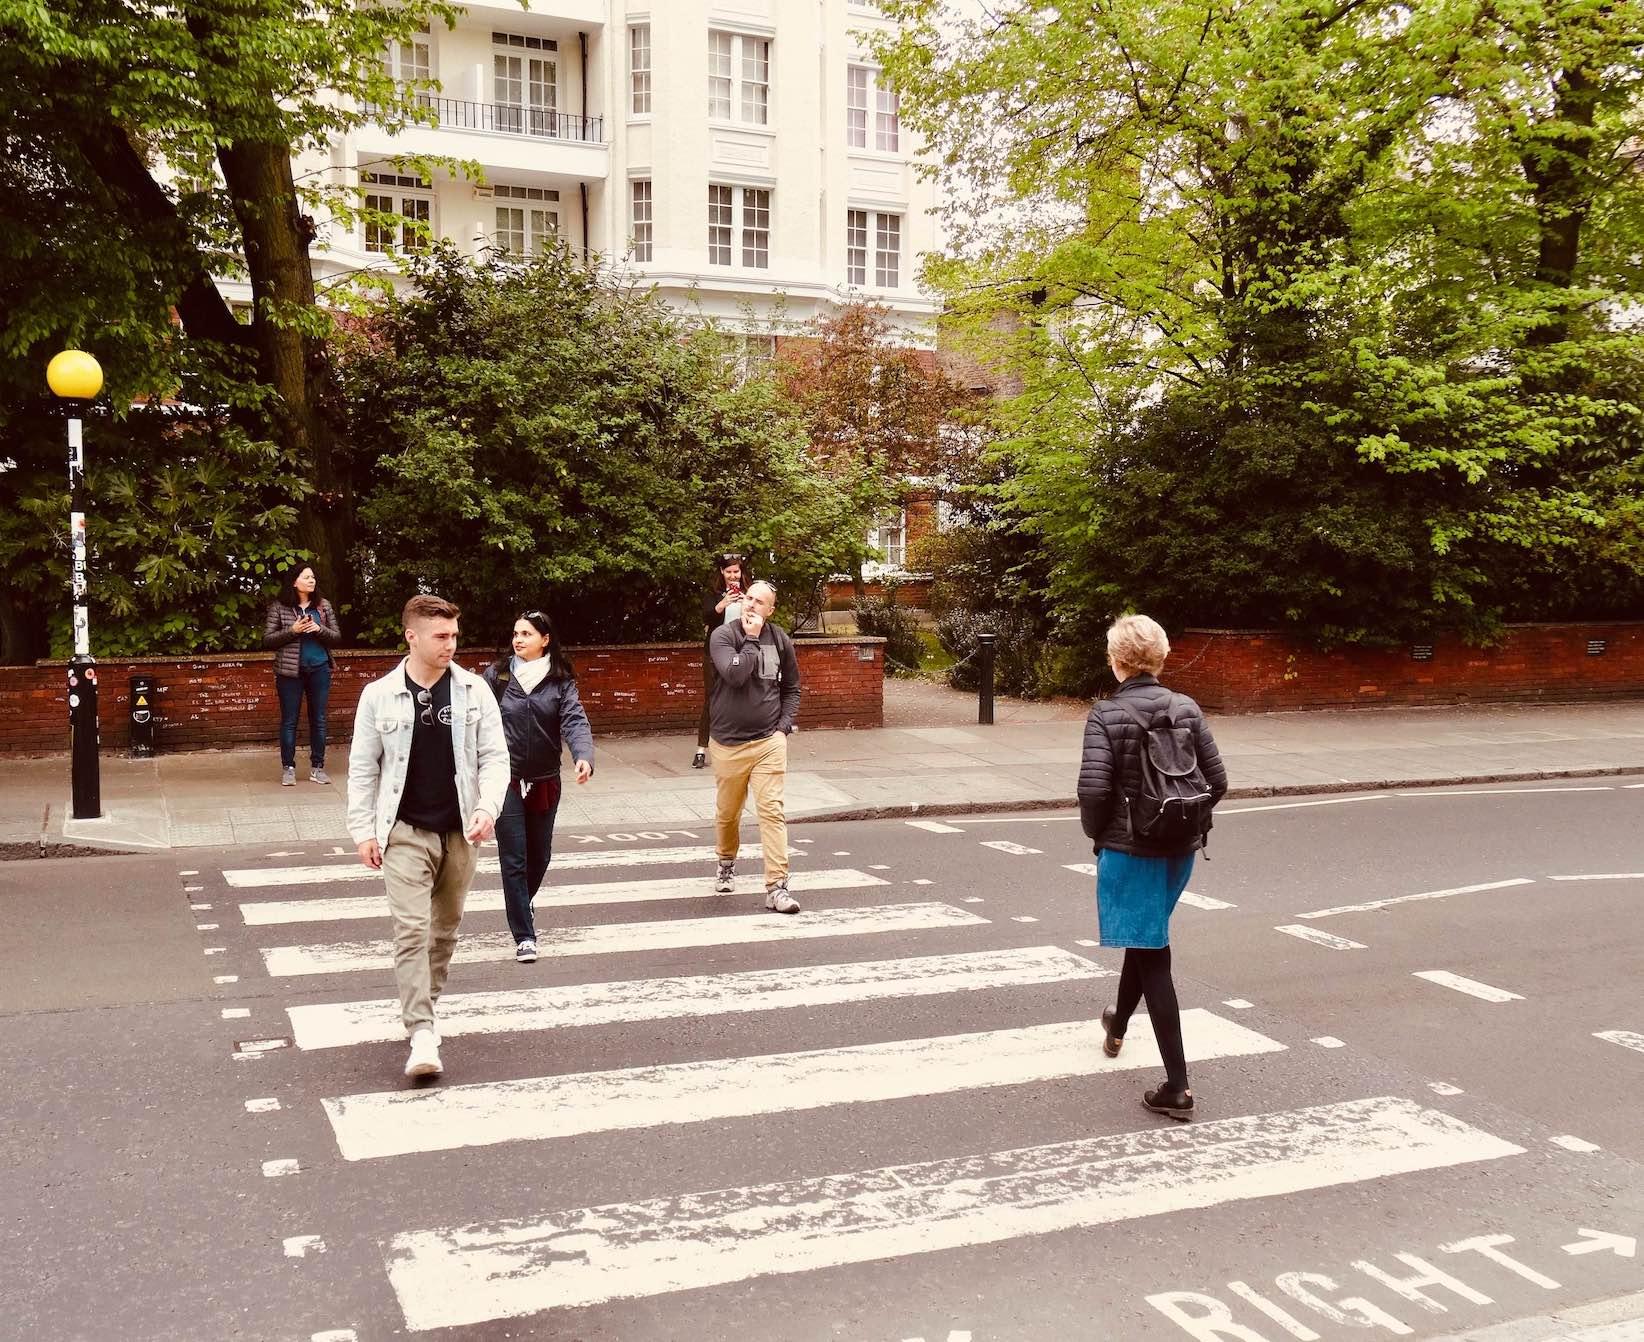 Crossing the Abbey Road zebra crossing in London